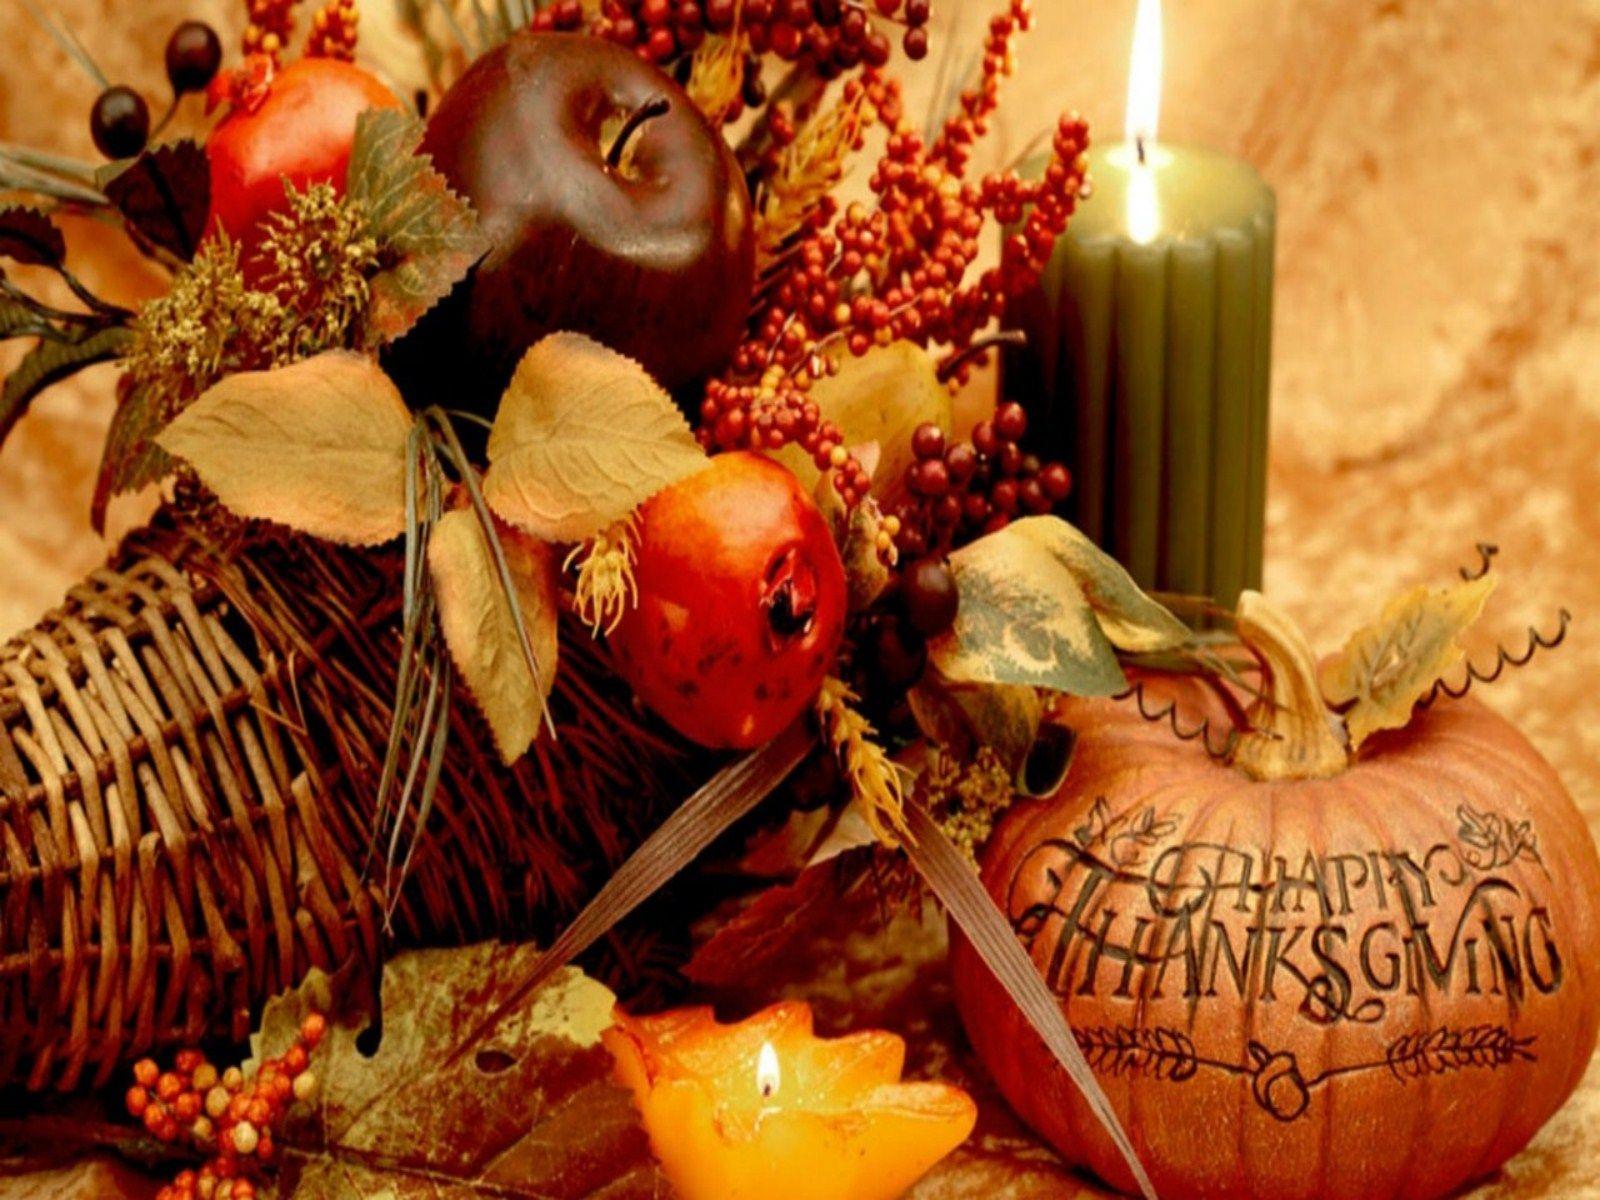 Котом днем, день благодарения открытка